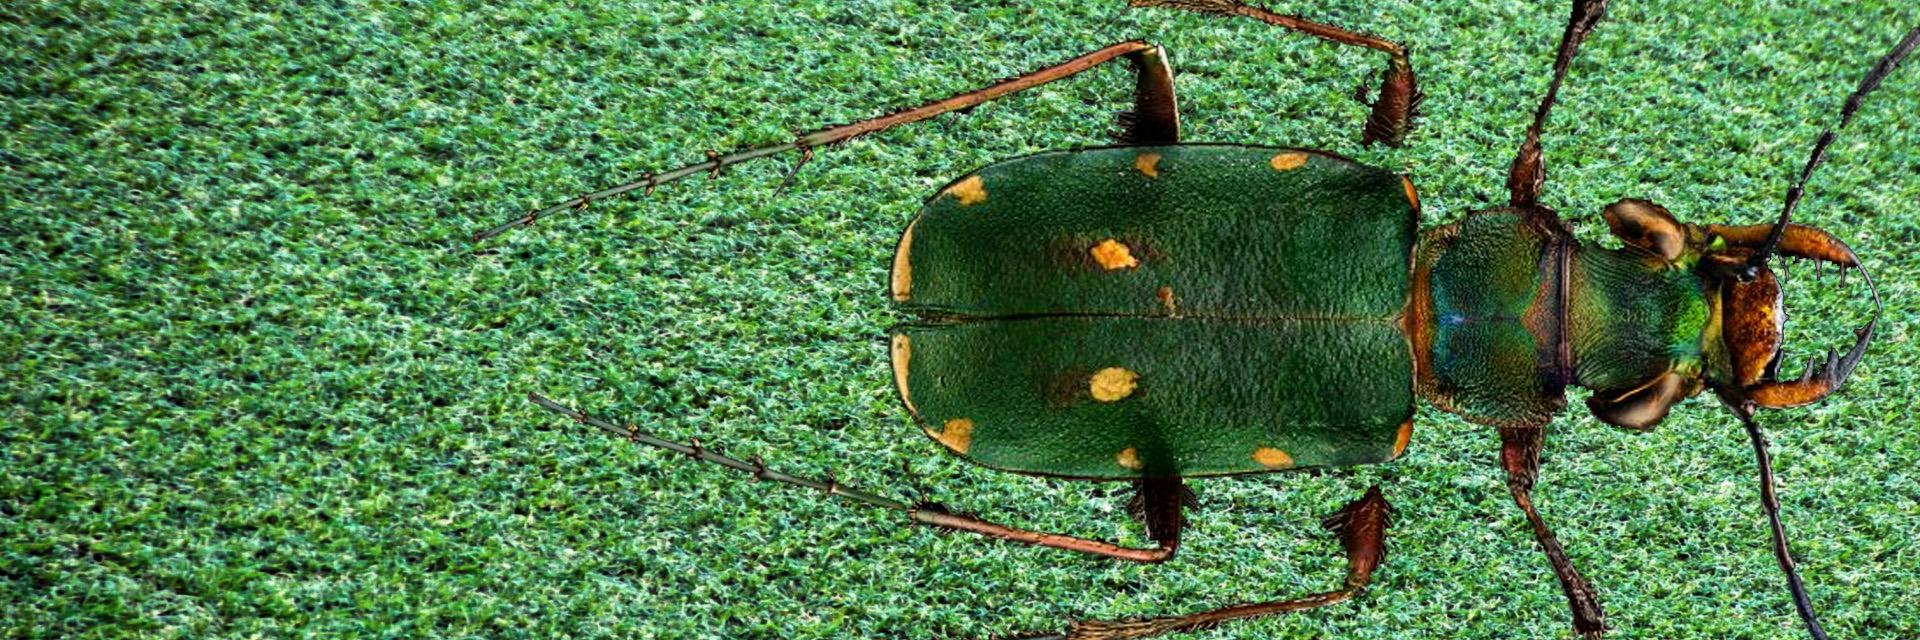 Pest Control – Calling An Expert Exterminator – Charlotte